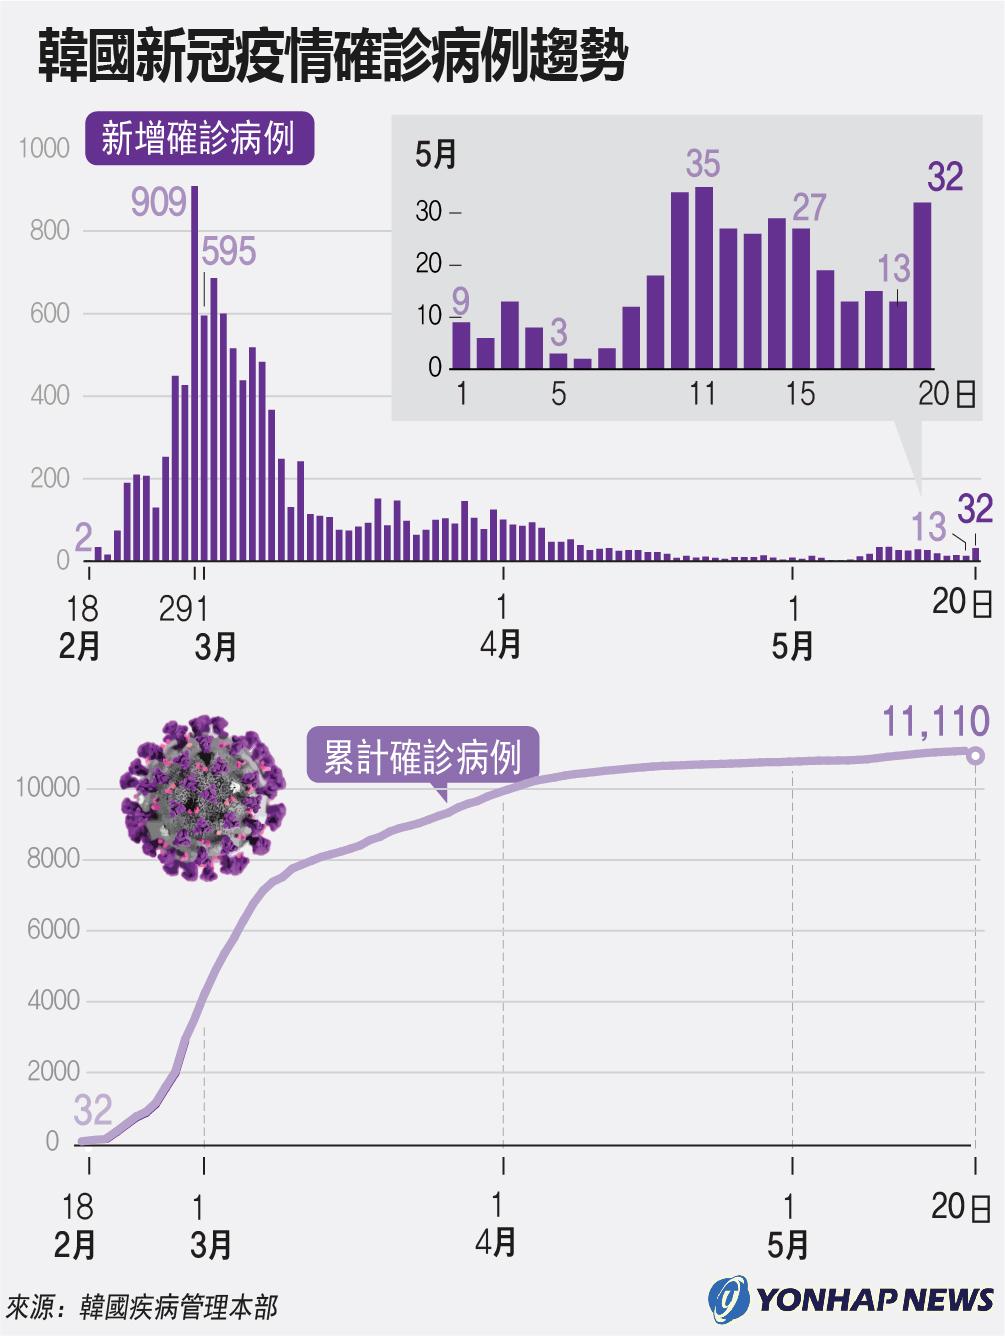 南韓新冠疫情確診病例趨勢